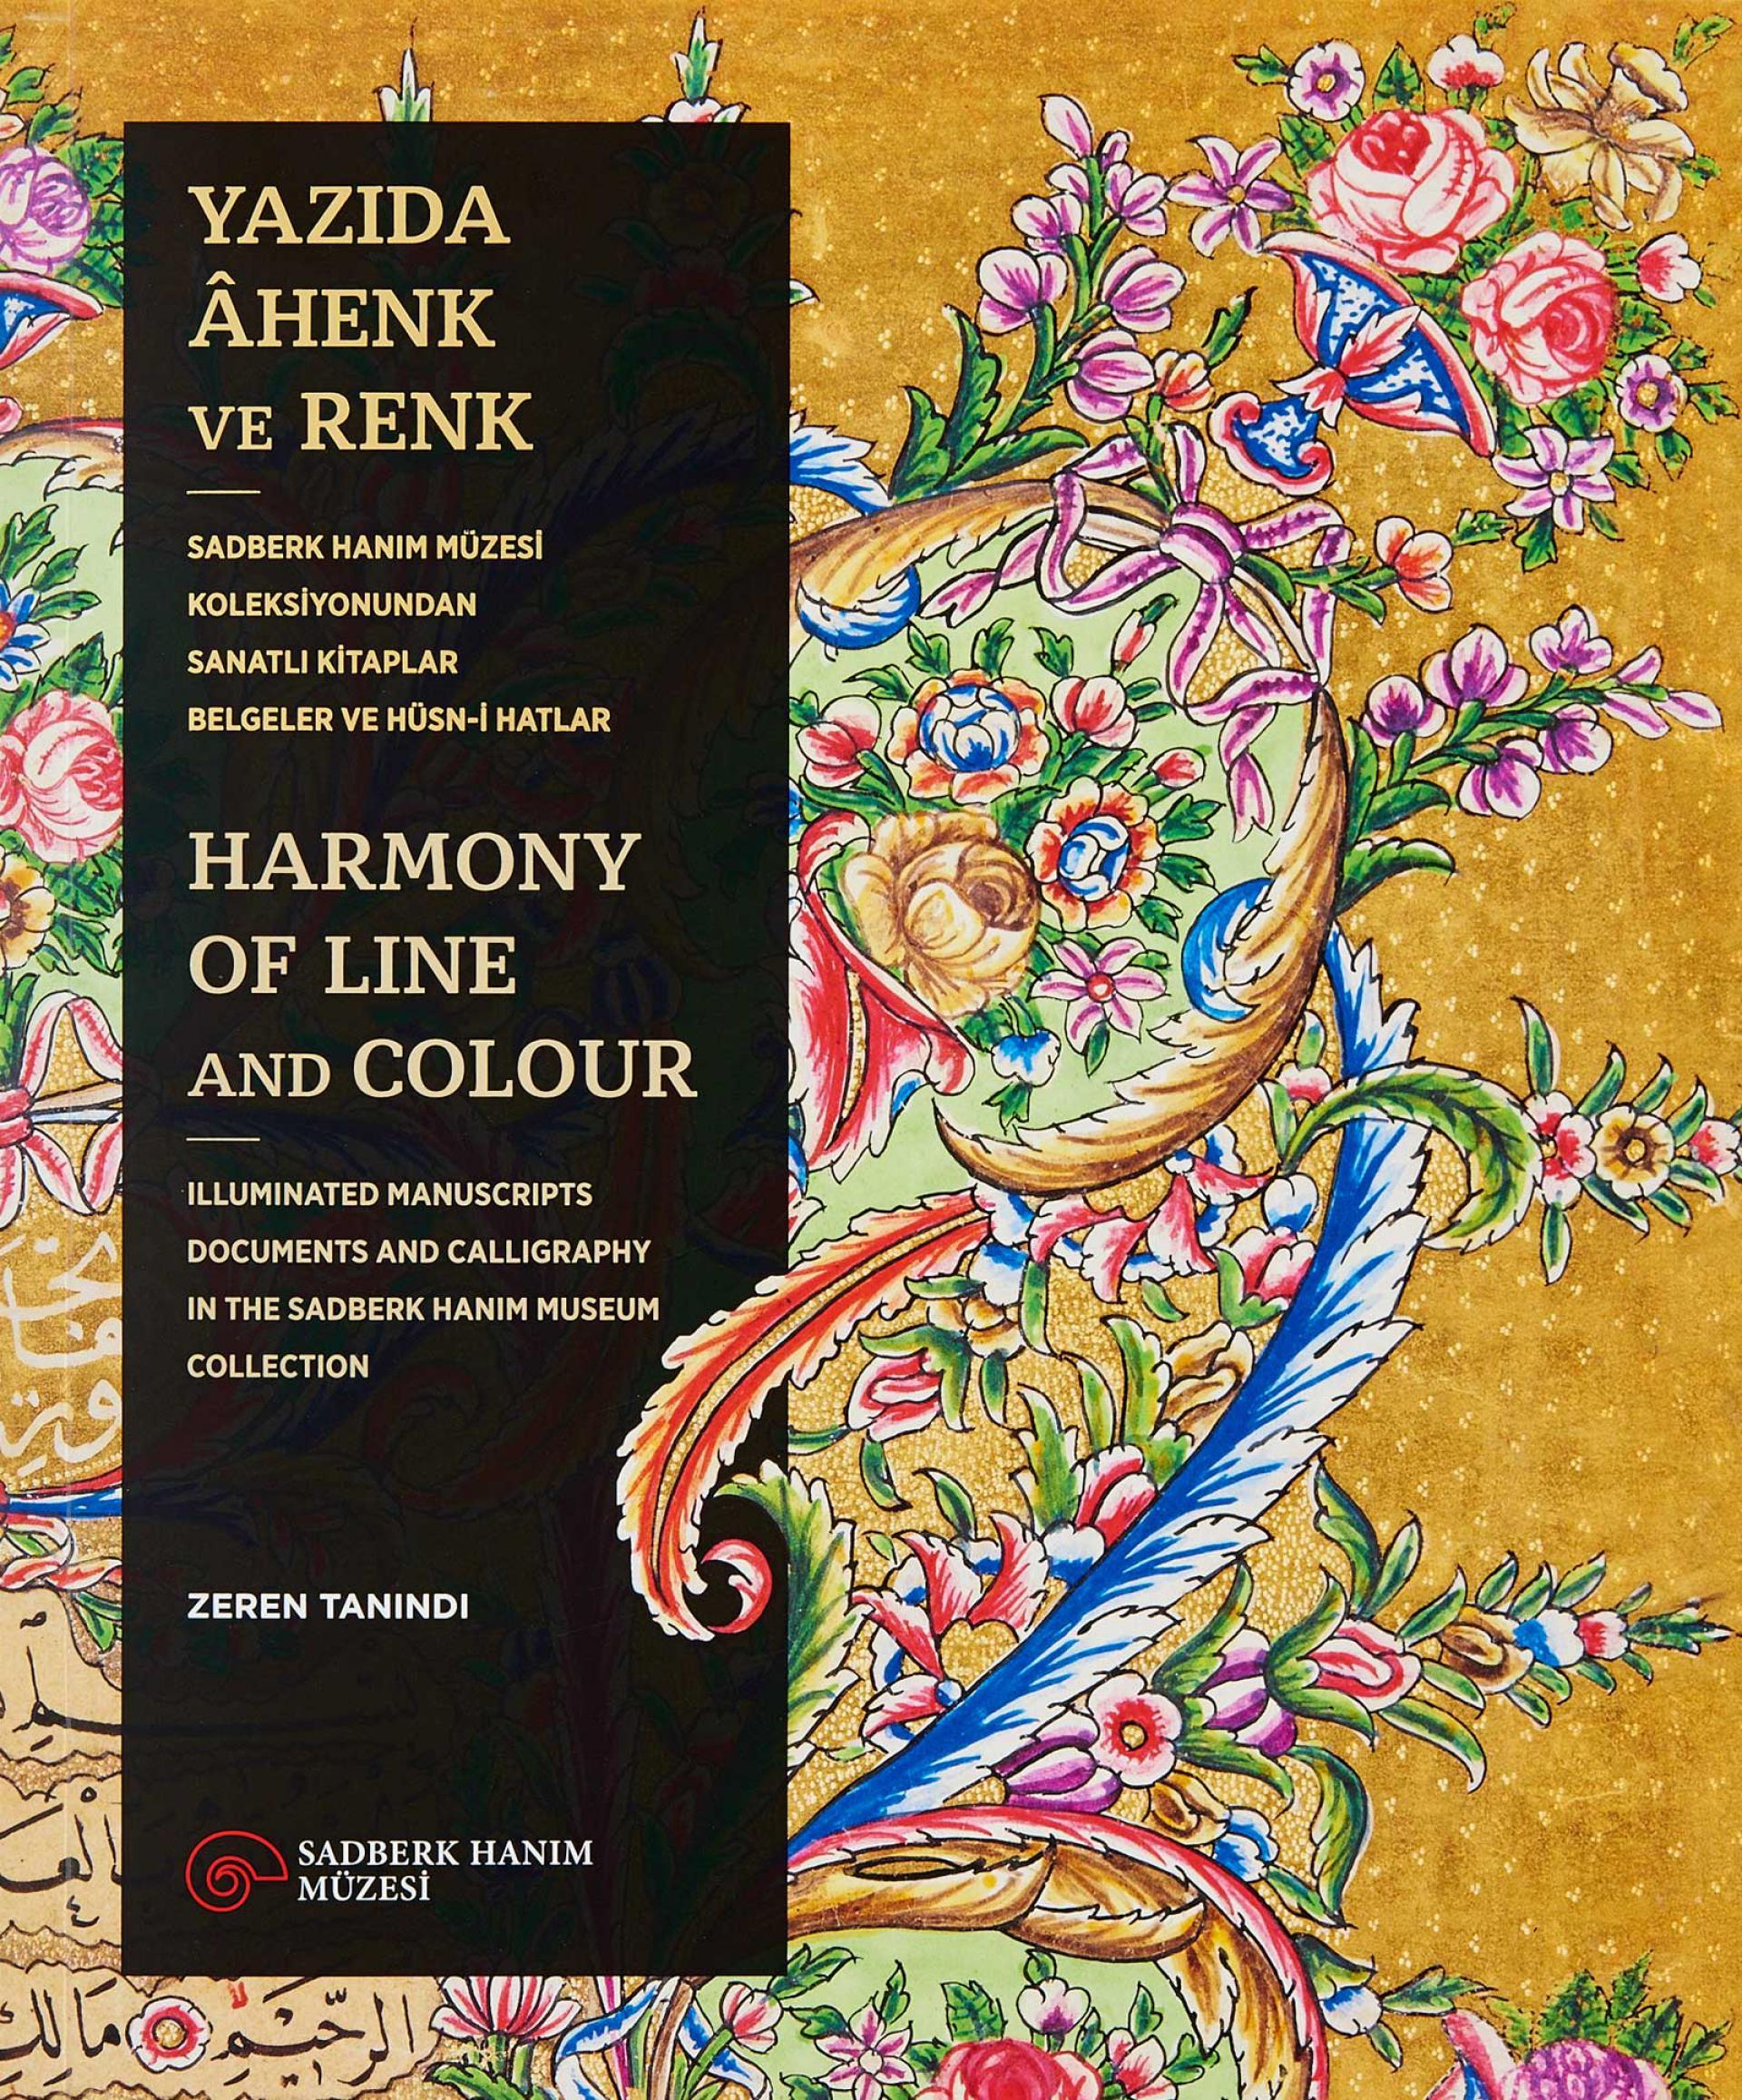 Harmony of Line and Colour - Sadberk Hanım Museum